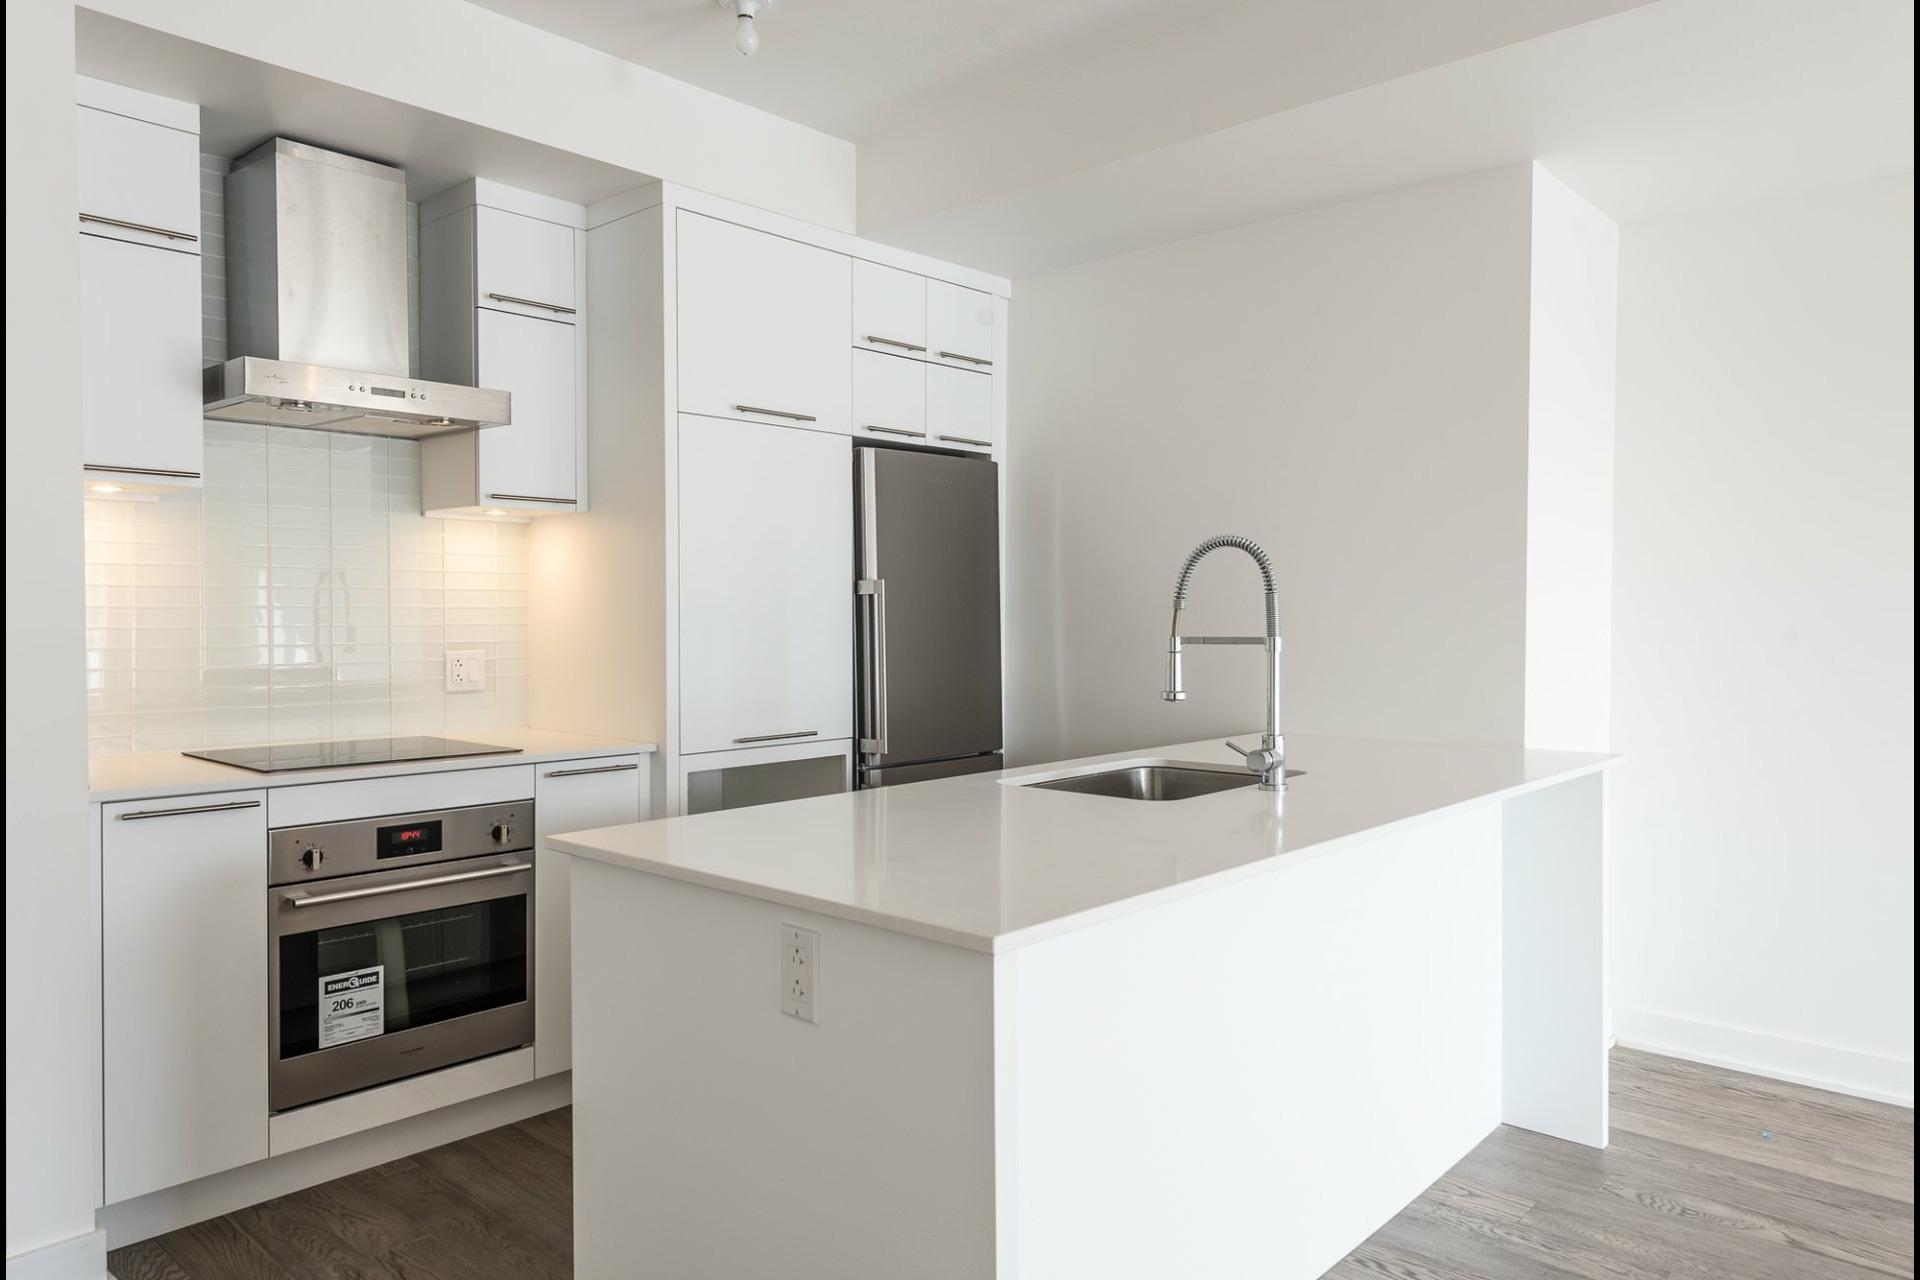 image 5 - Appartement À louer Villeray/Saint-Michel/Parc-Extension Montréal  - 5 pièces